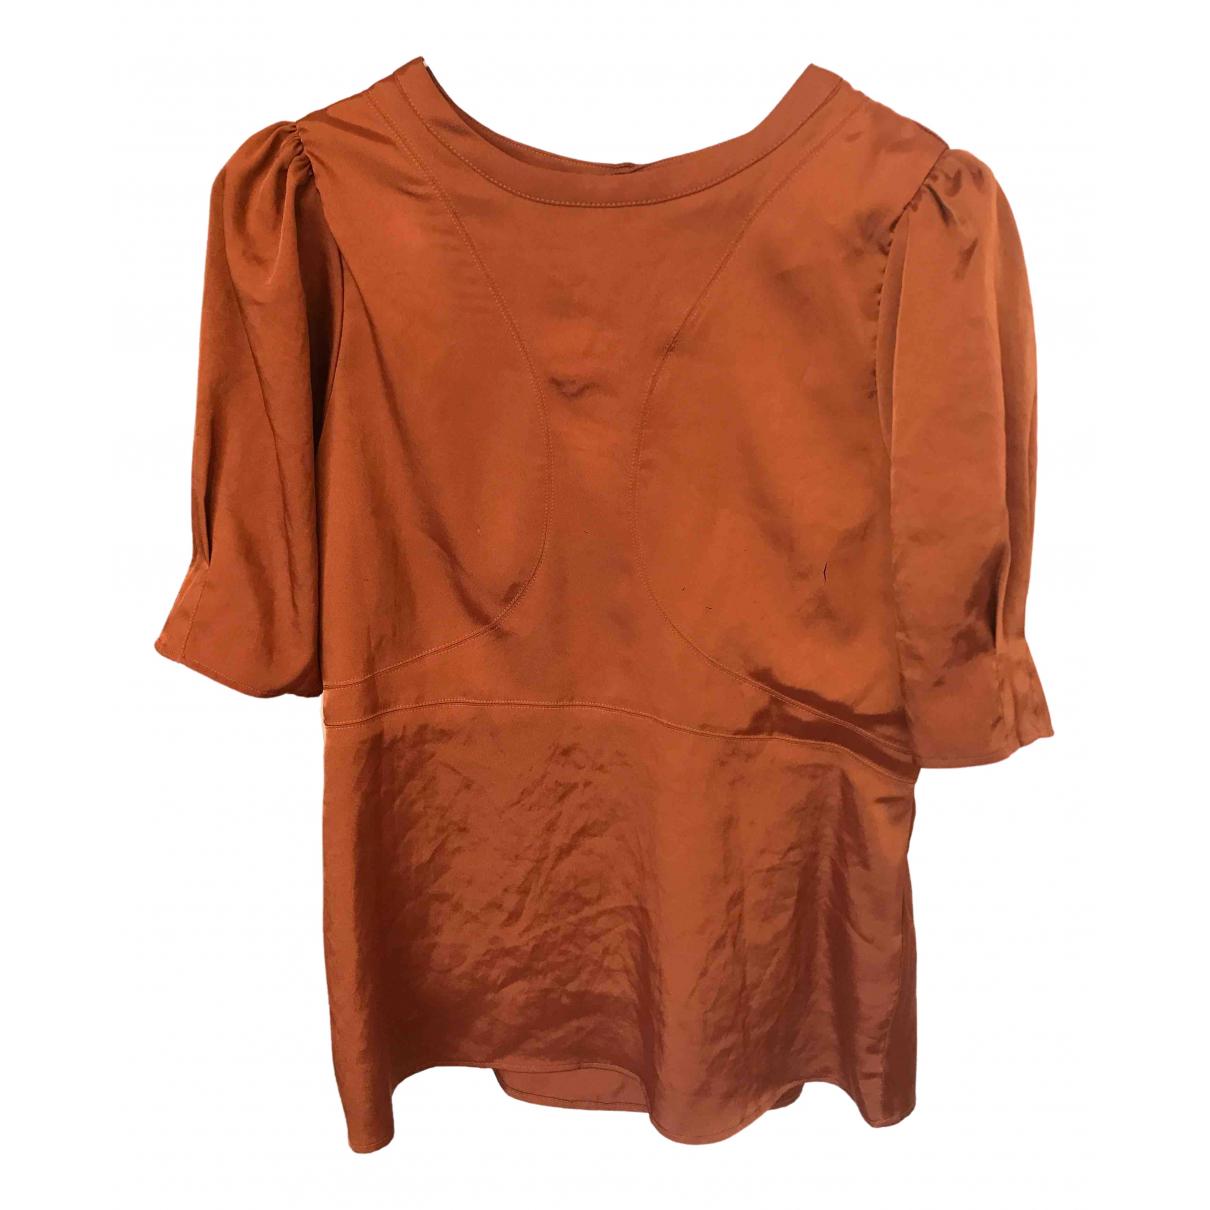 Soeur - Top   pour femme - orange